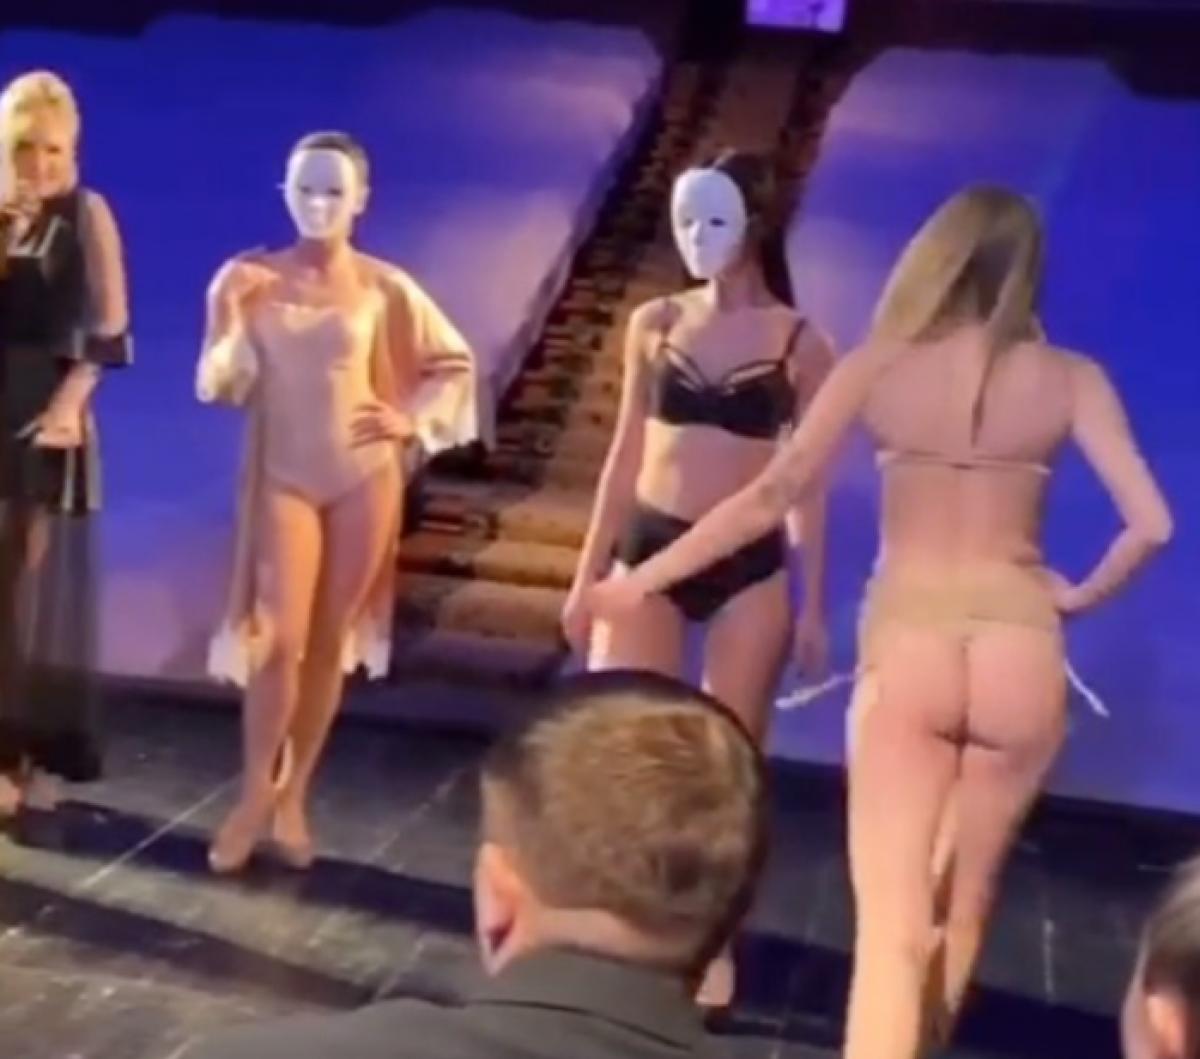 В Херсоне мэра и депутатов развлекали «обнаженкой» на закрытой